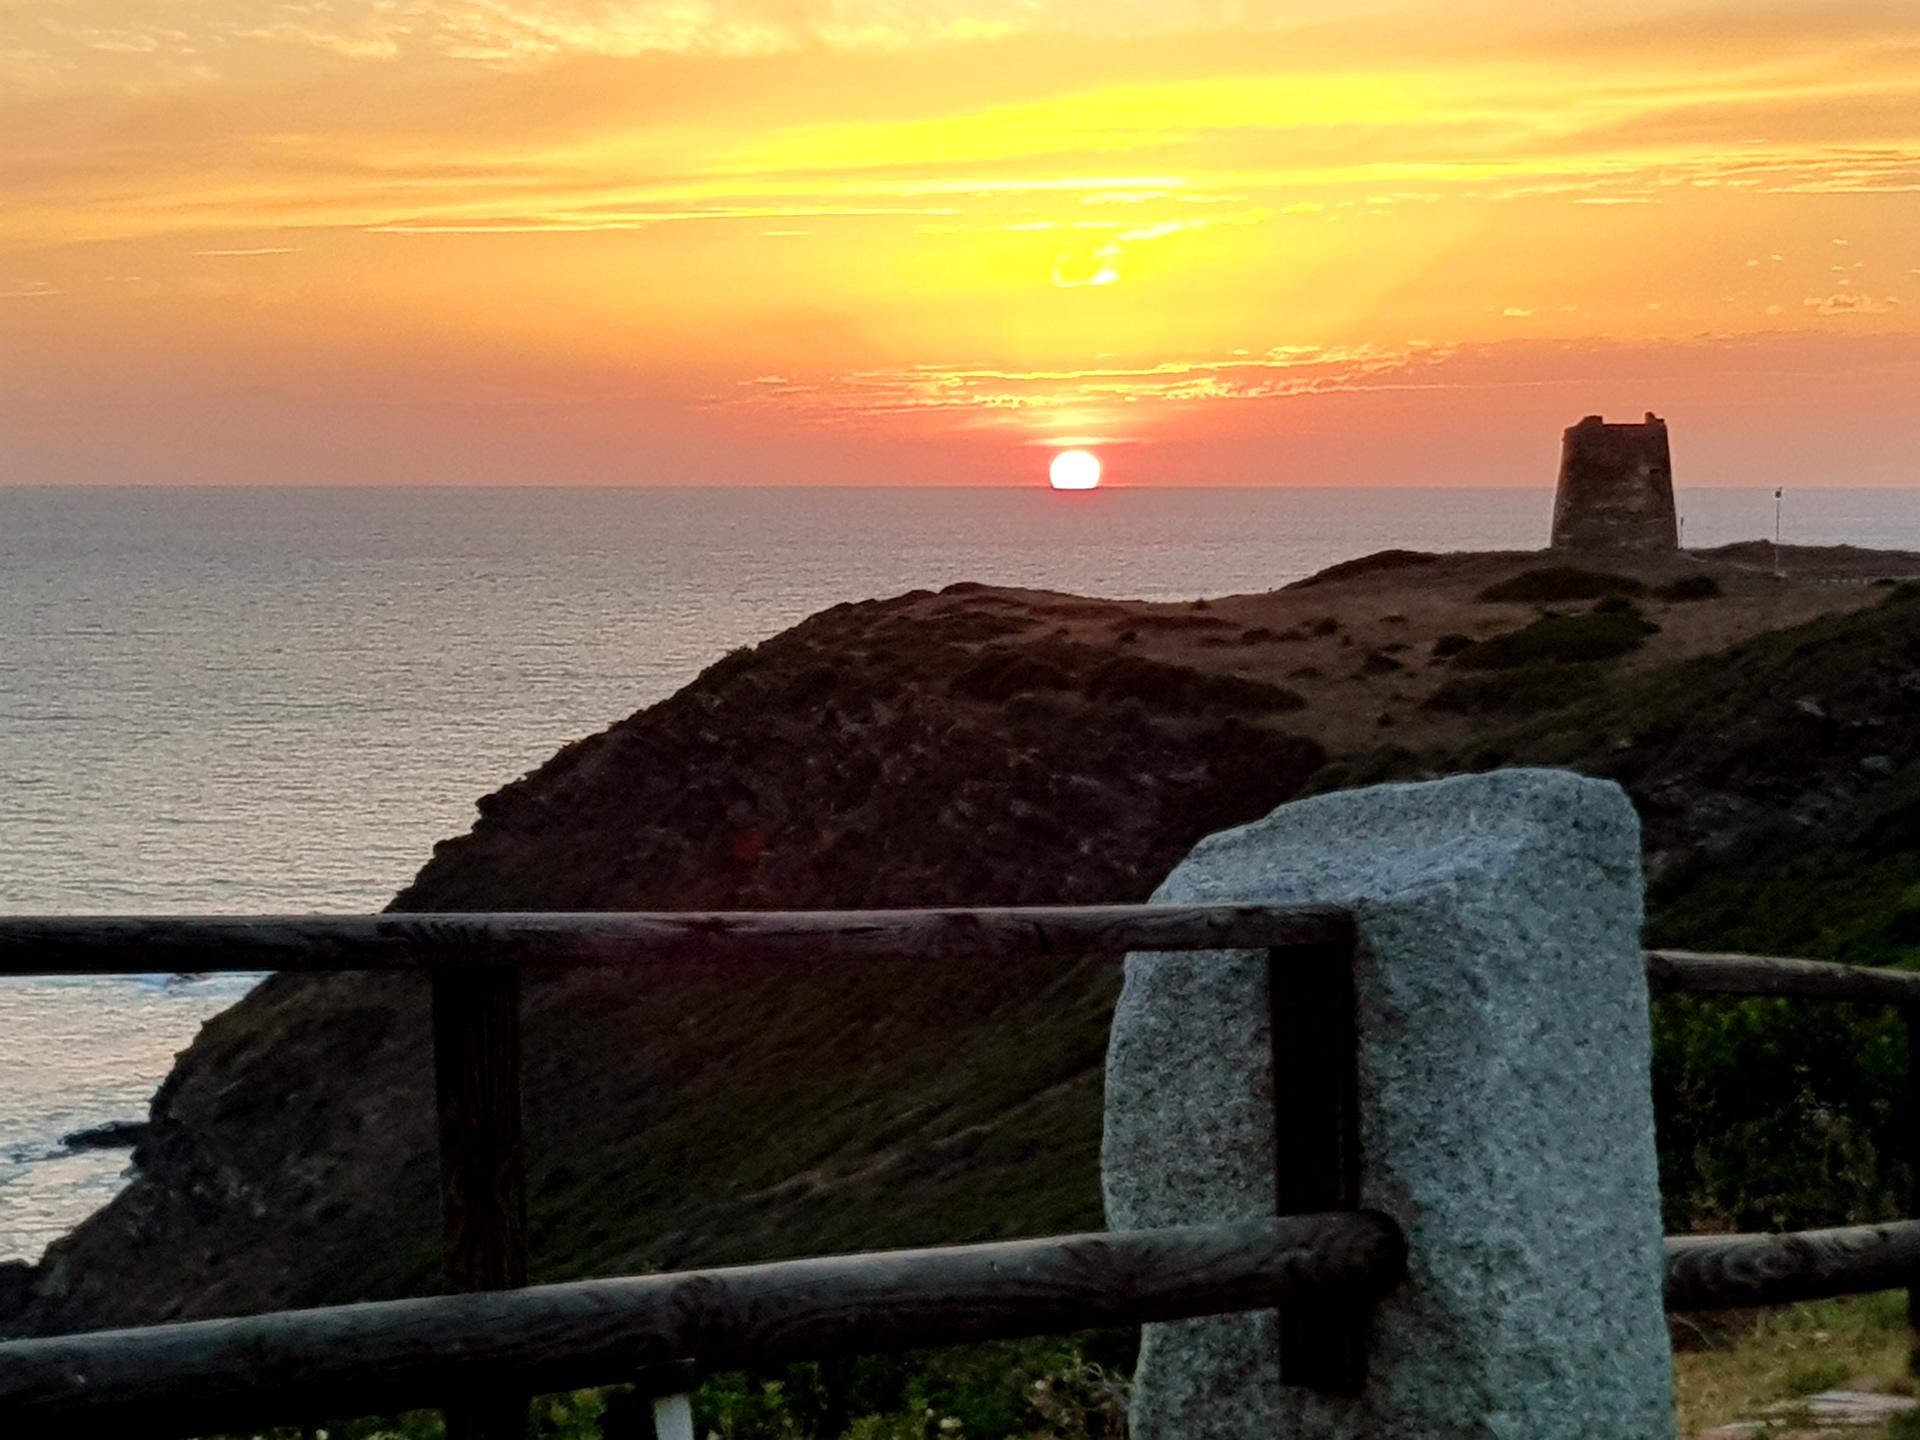 (Italiano) Vacanze a settembre, Sardegna meta ideale!